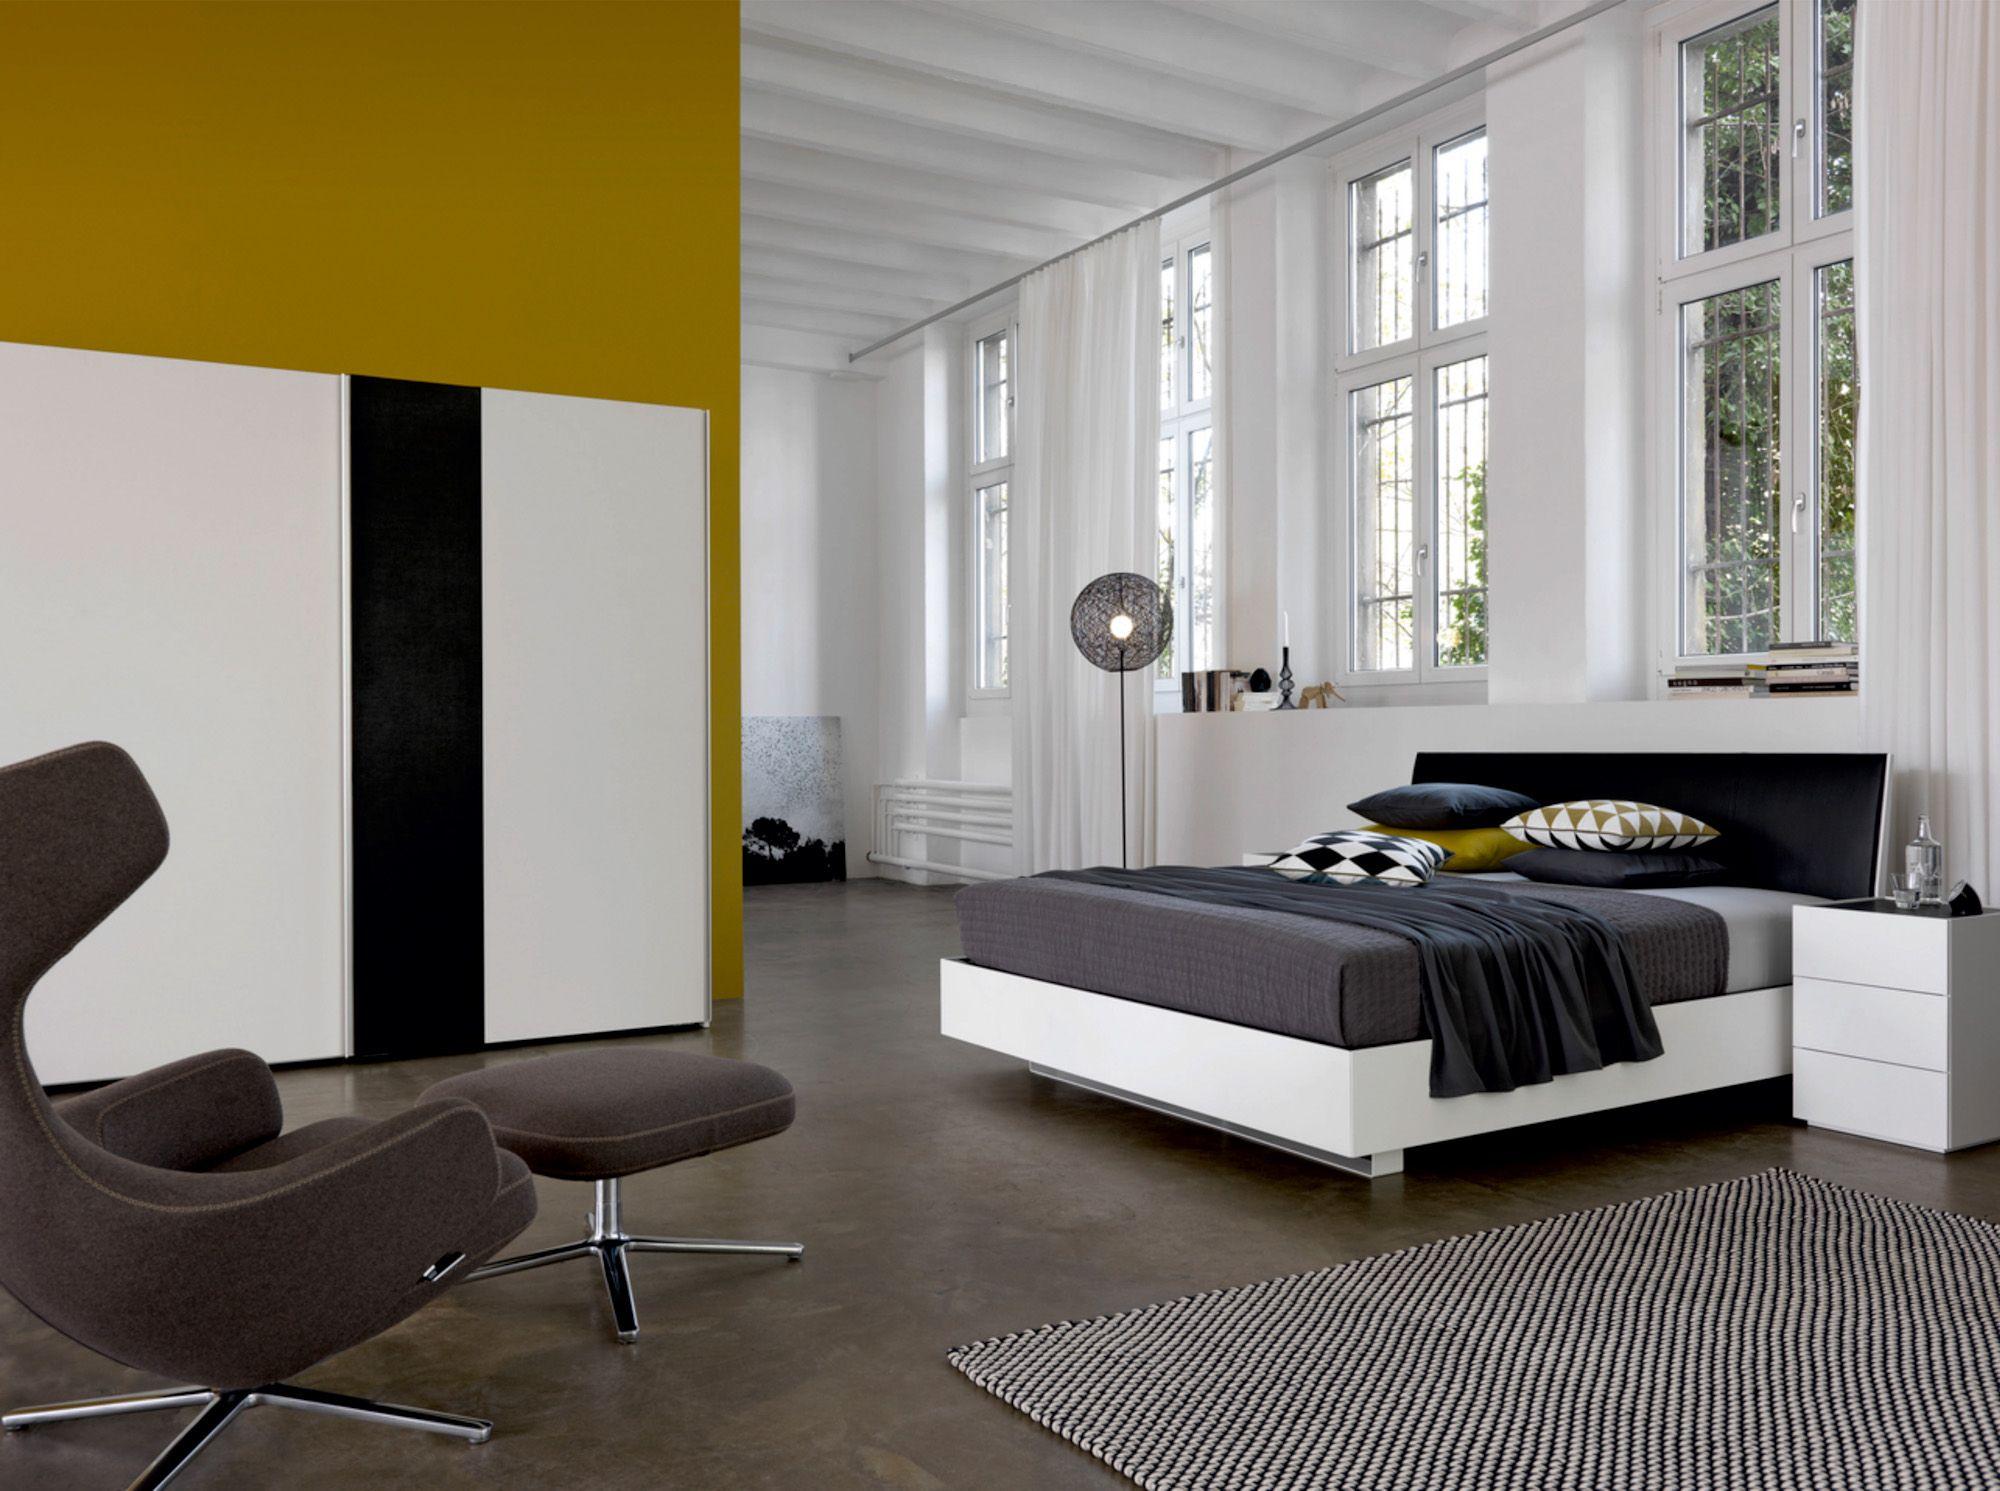 schwebebett | hohe kopfleiste | lack | leder | schwarz und weiß, Schlafzimmer entwurf